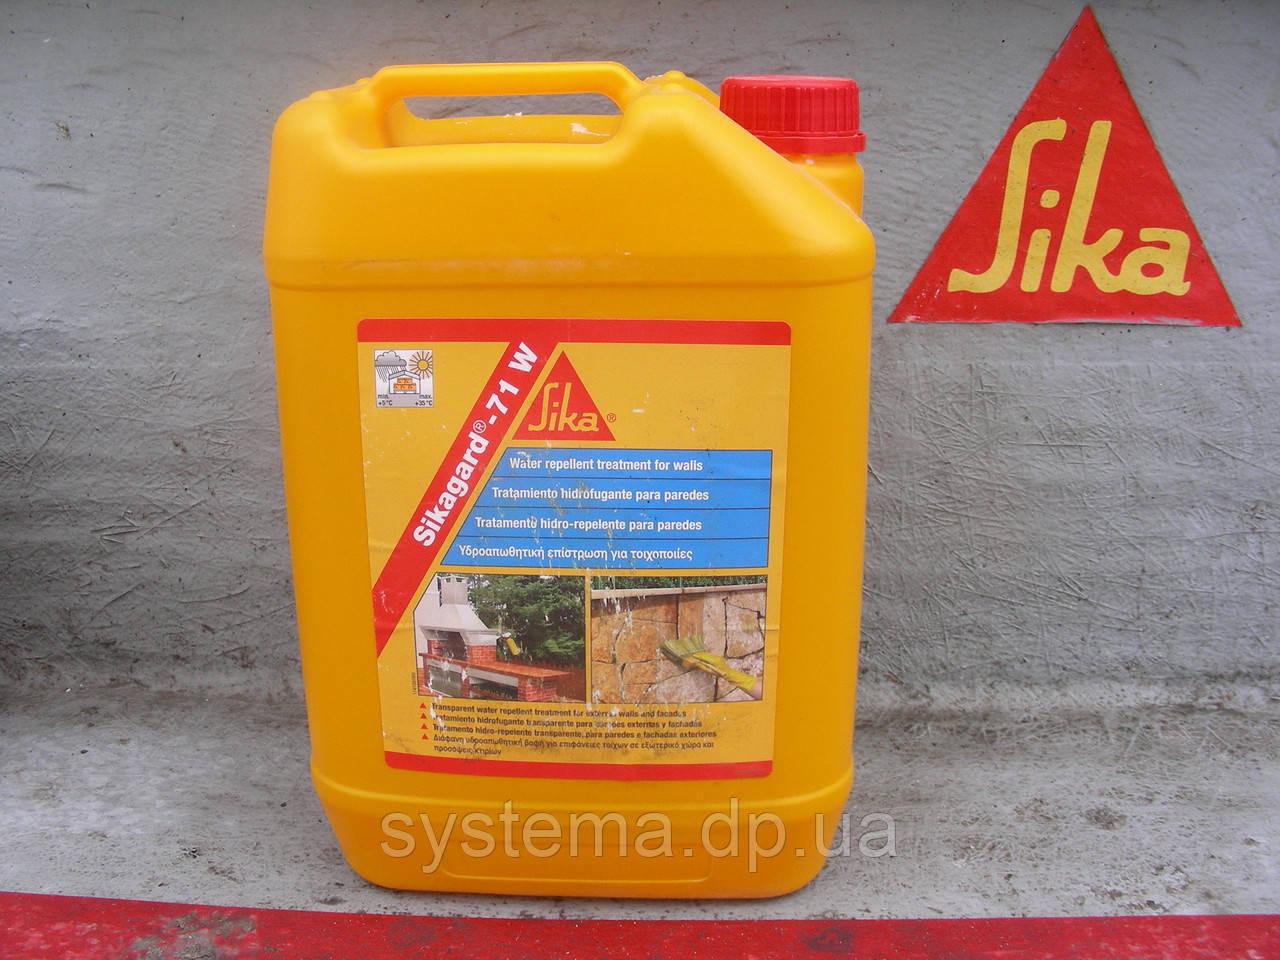 Sikagard®-71 W - Гидрофобизирующая пропитка Сика для защиты фасадов на водной основе, 5 л